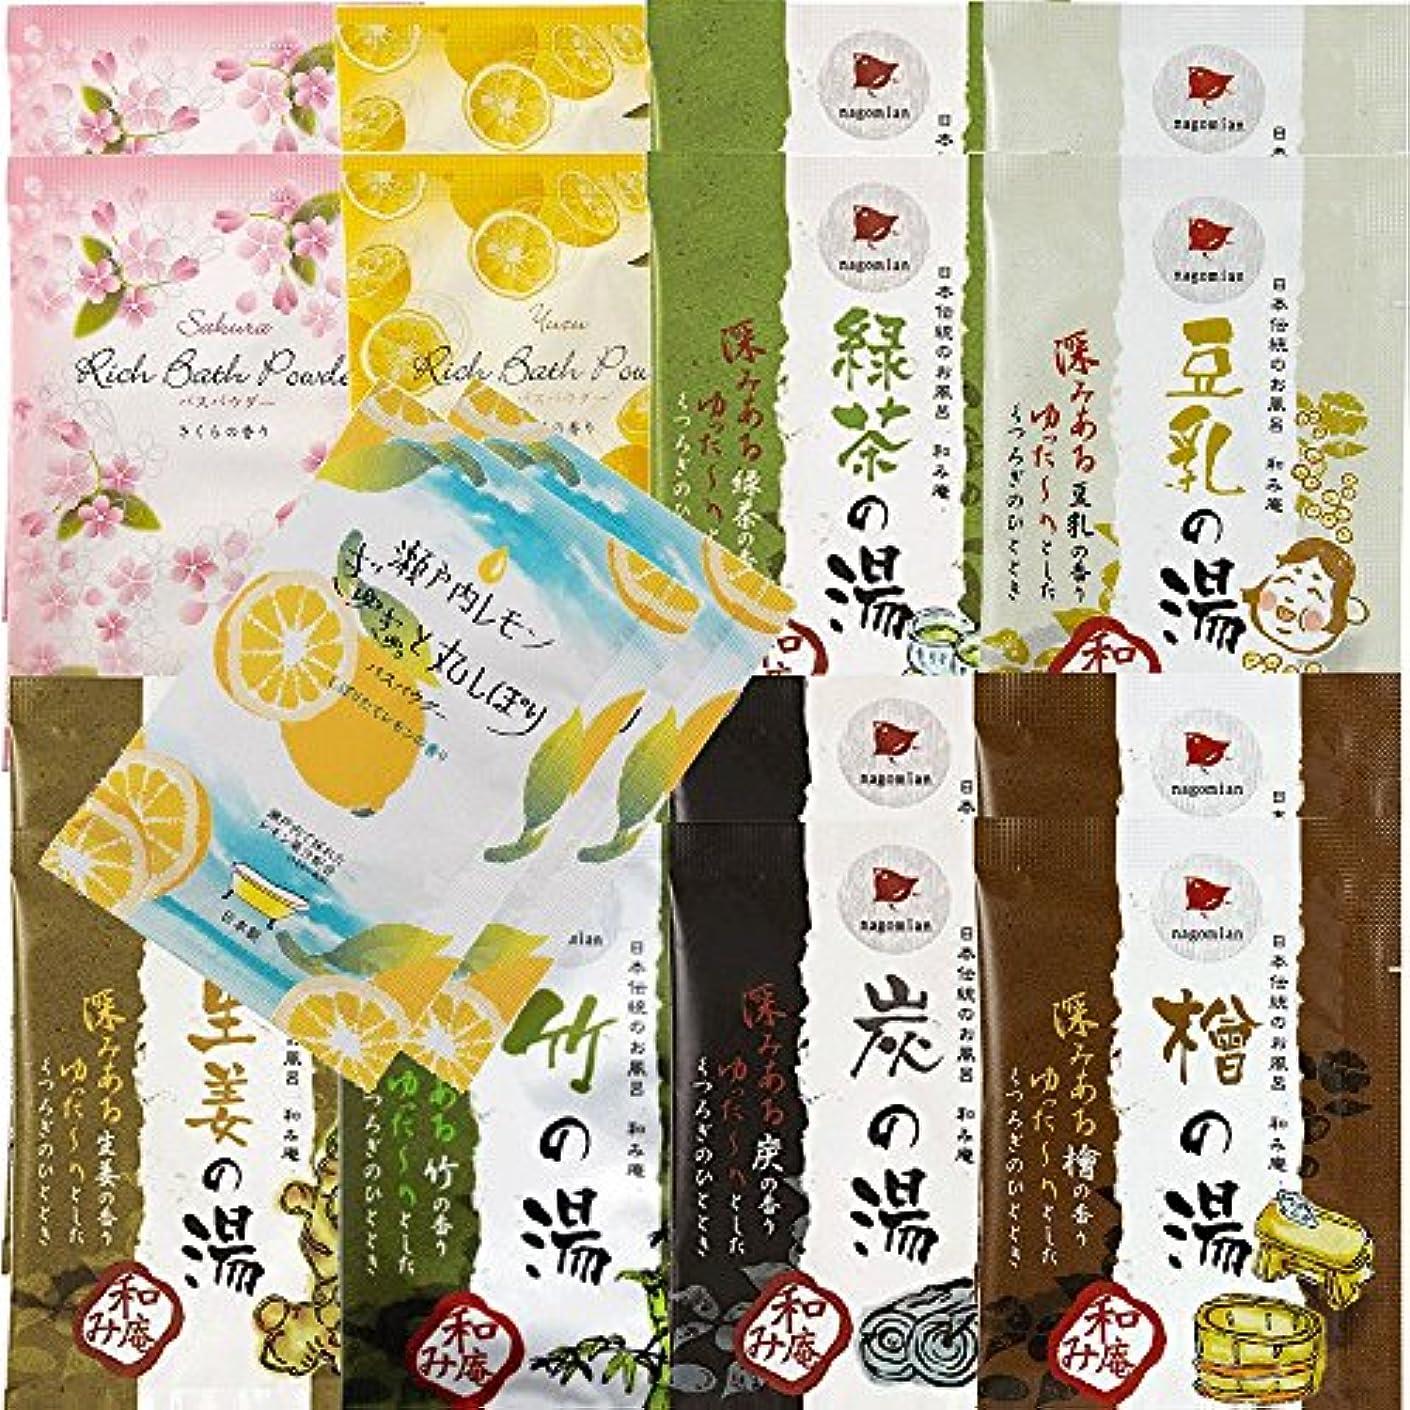 肥料フロント土砂降り日本伝統のお風呂 和み庵 6種類×2 + バスパウダー 3種類×2セット 和風入浴剤 18包セット